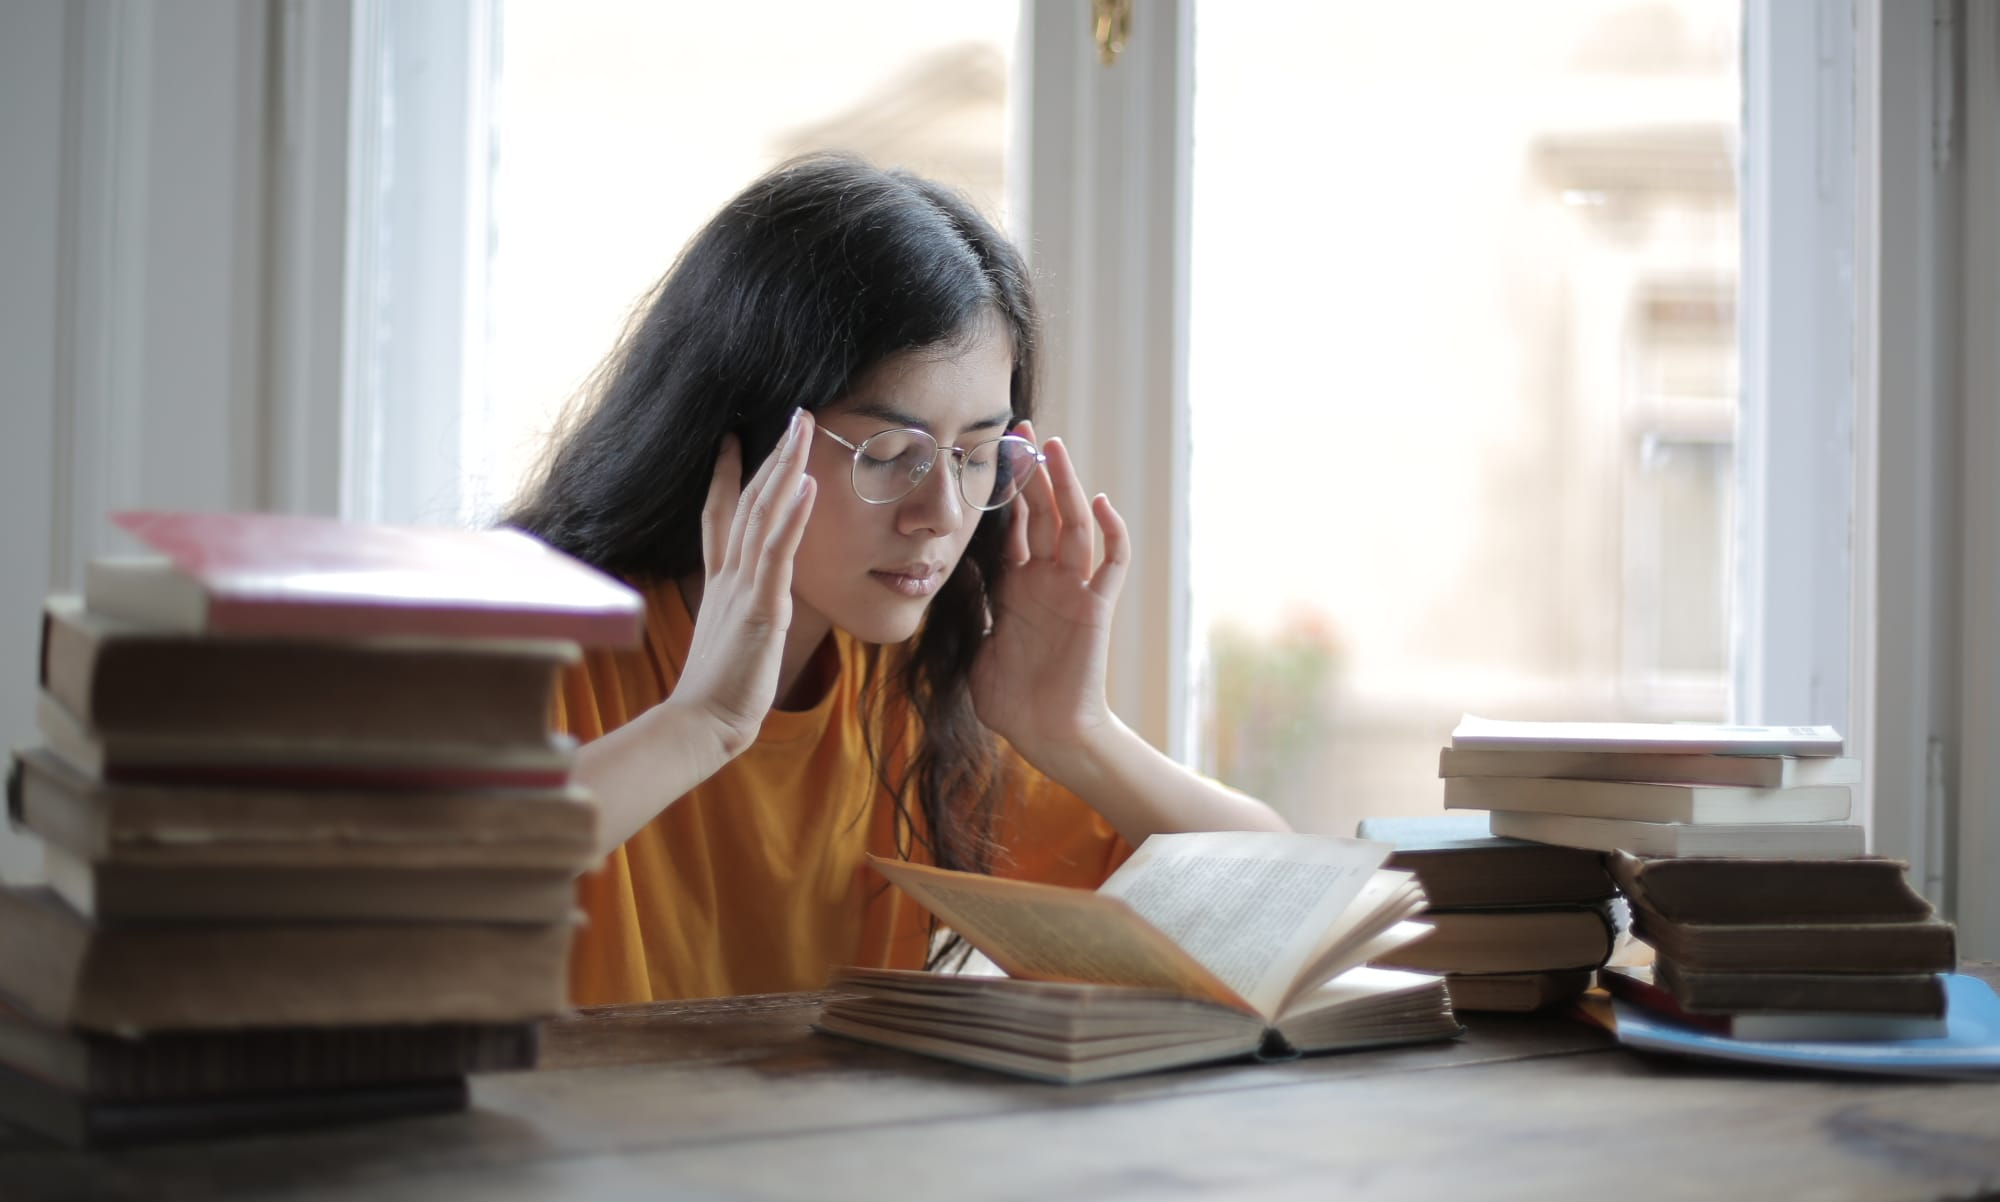 Povratak studentskoj rutini - tips and tricks